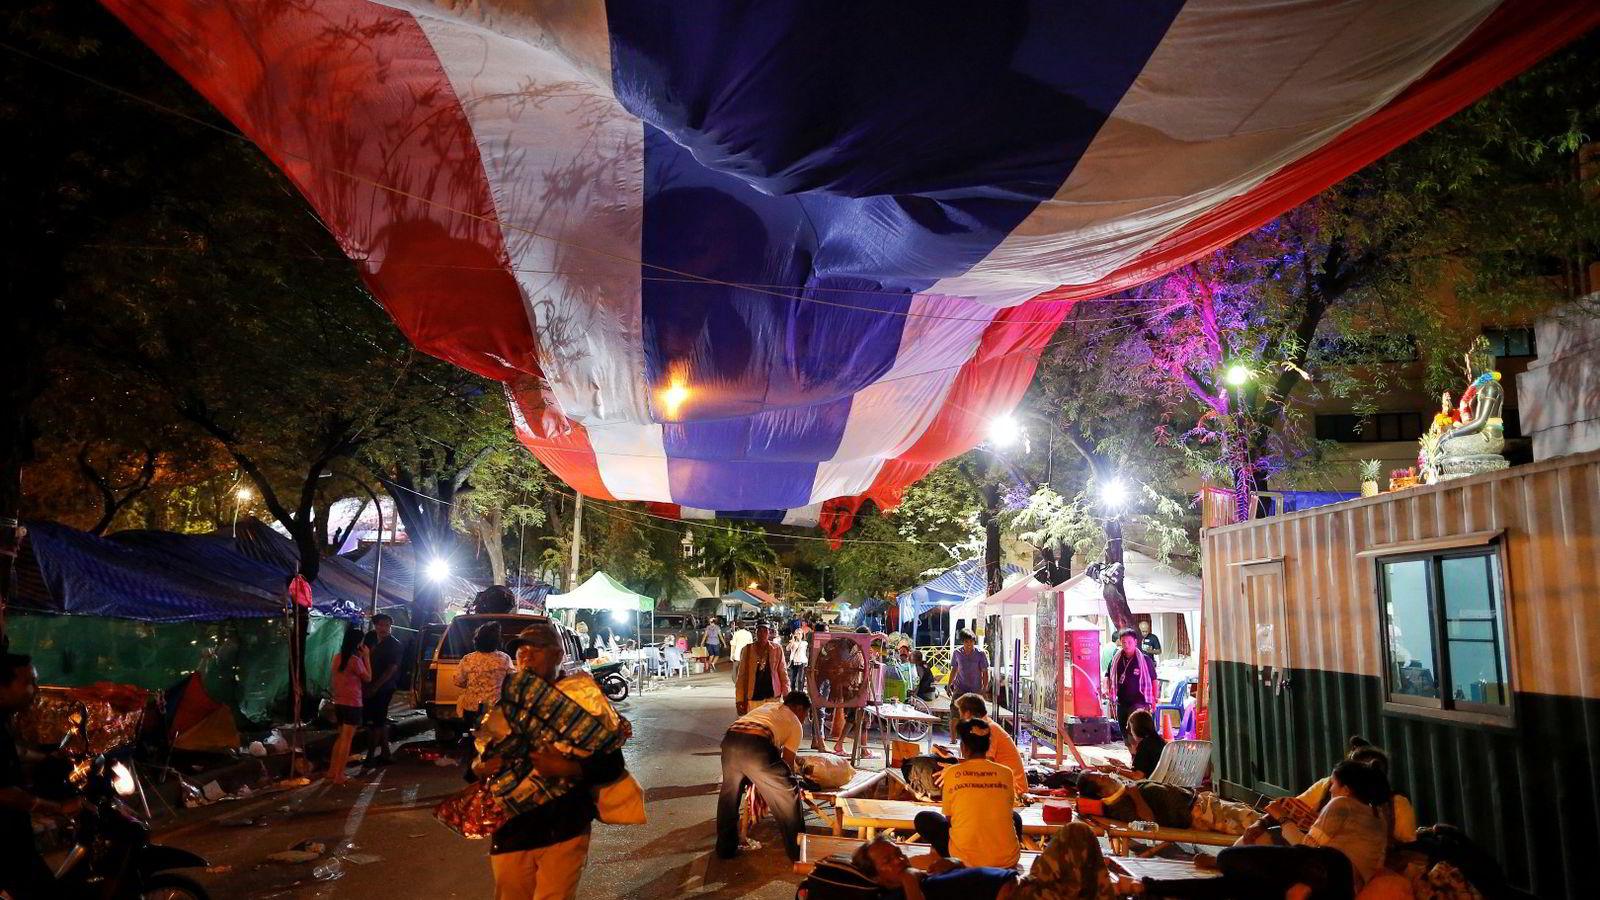 Thailand: Anti-myndighets-protestanter i Bangkok er i ferd med å pakke sammen leiren sin etter at militærkuppet ble erklært.